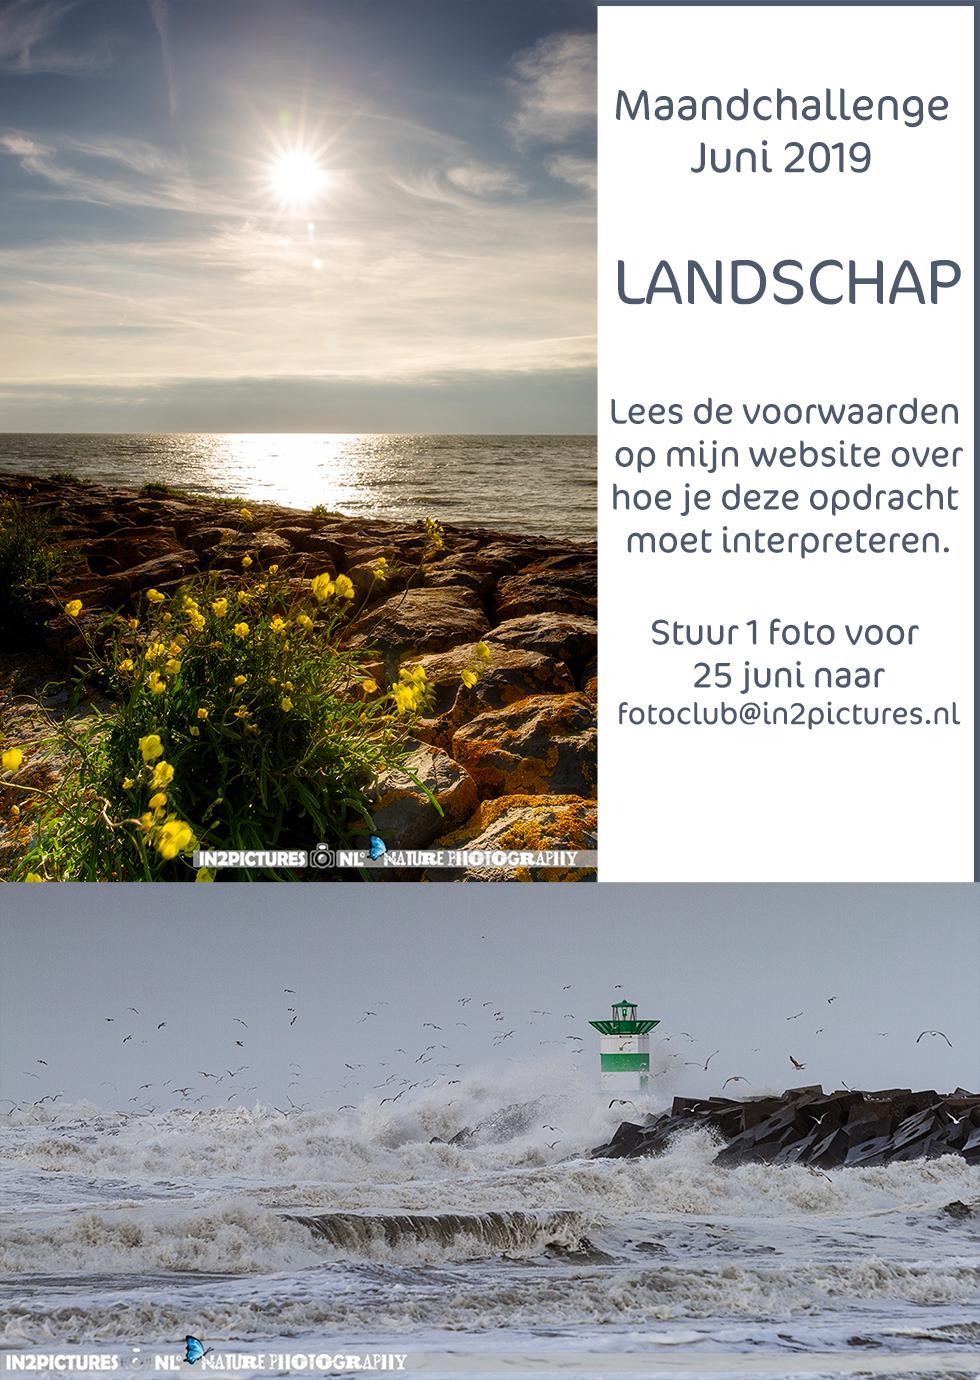 Maandchallenge juni Landschap in2pictures.nl fotoclub